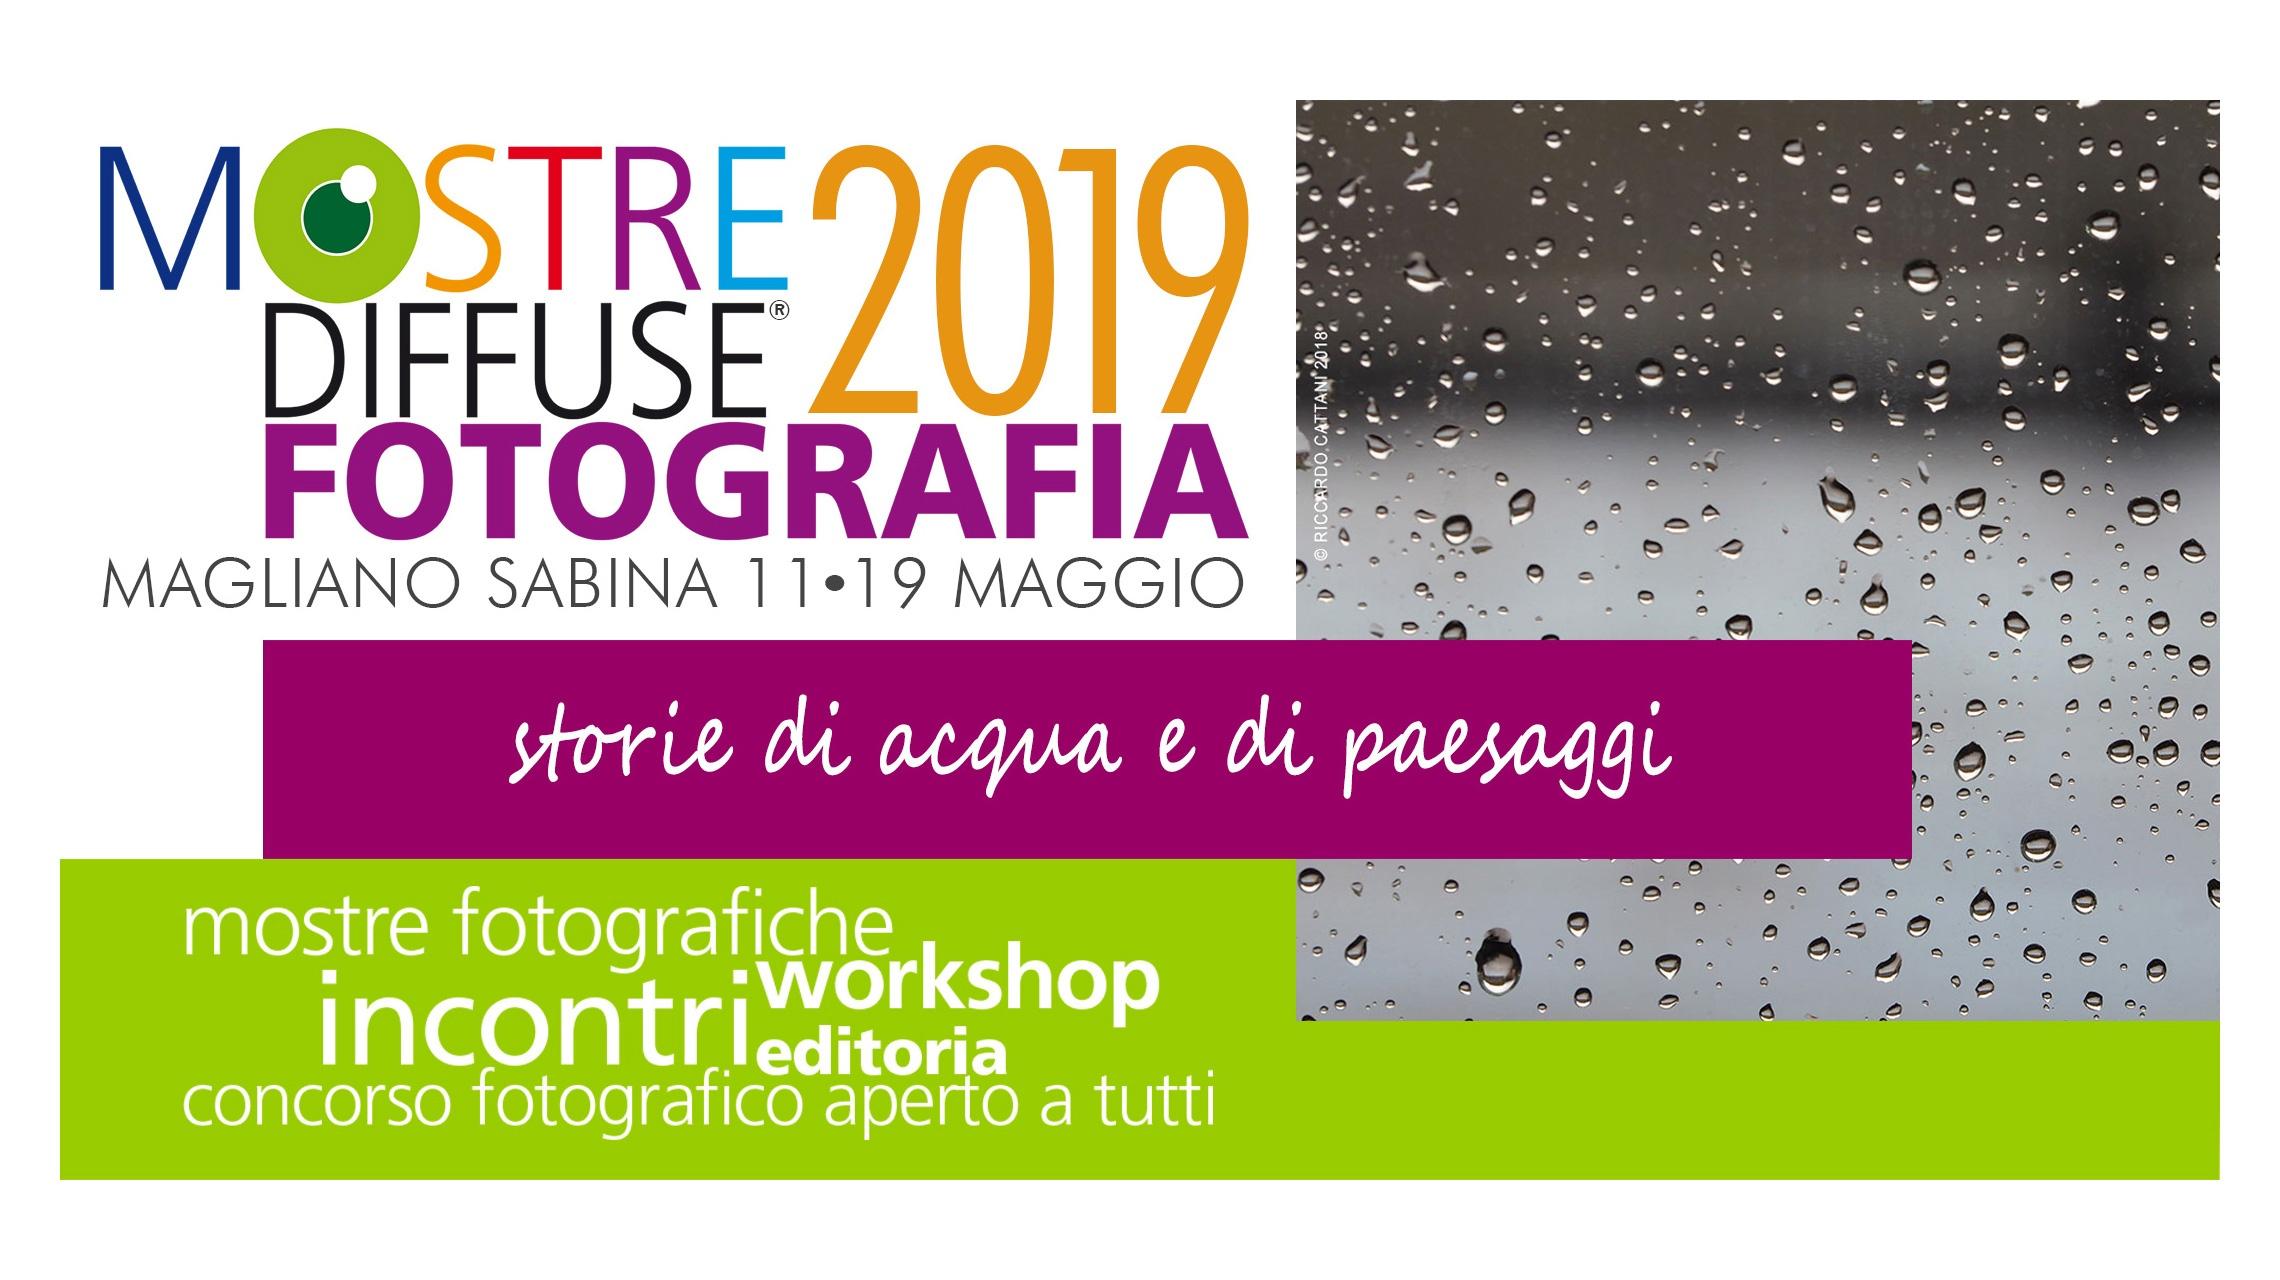 Mostre Diffuse Fotografia 2019, storie di acqua e di paesaggi